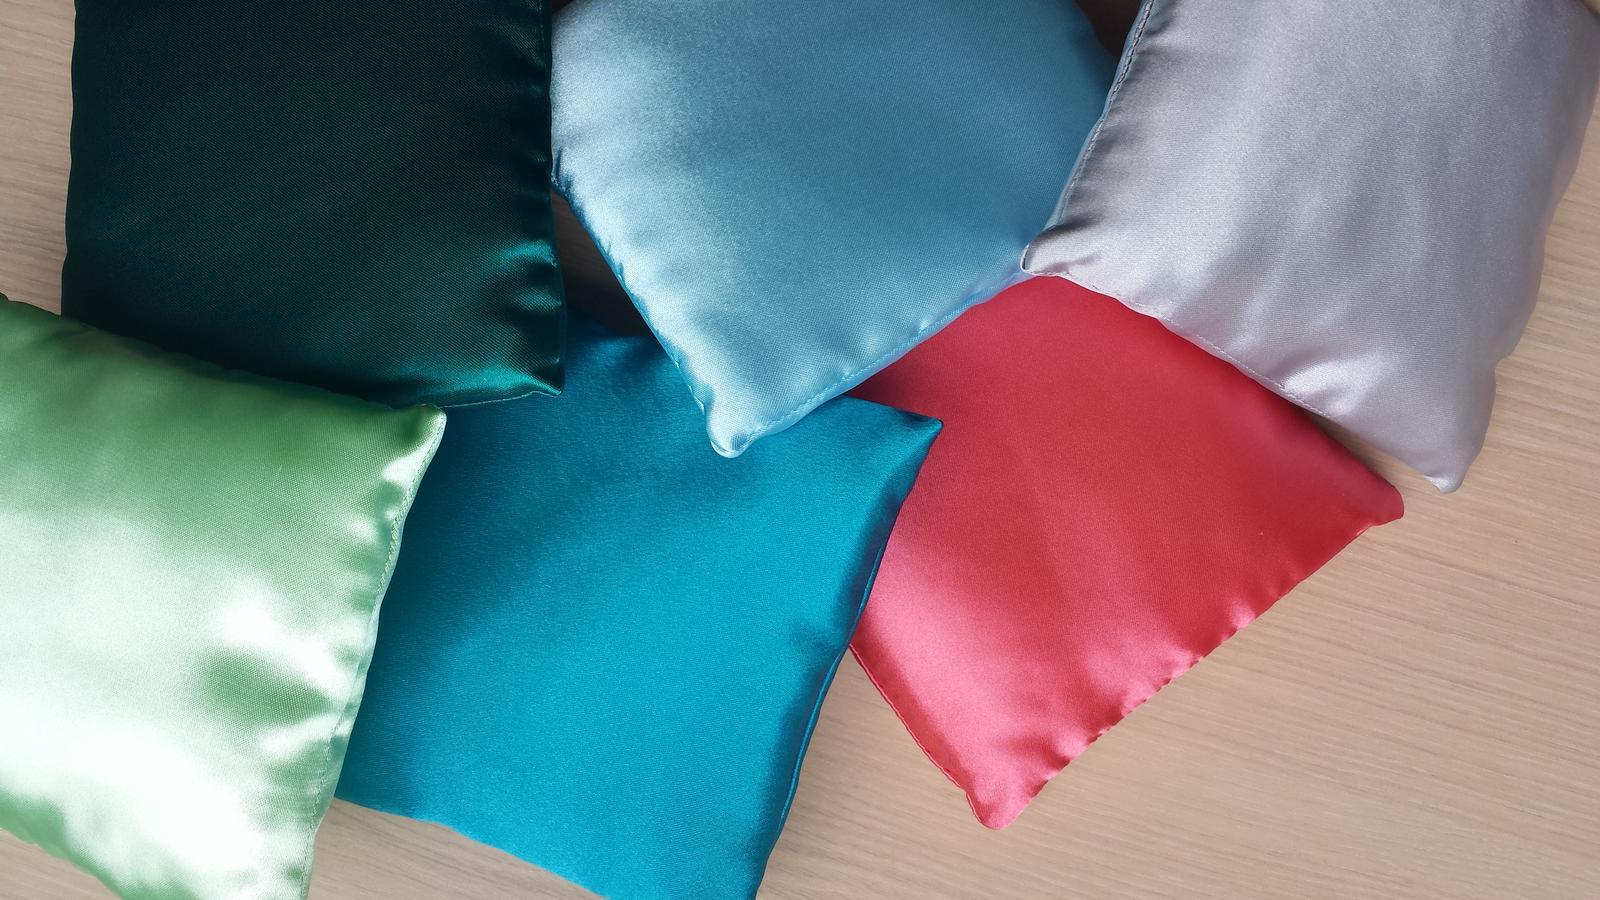 VÝPRODEJ - zelenkavá, modrozelená, tyrkysová, světle modrá, korálová, světle šedá...60 Kc kus  rozmer 14x14 cm